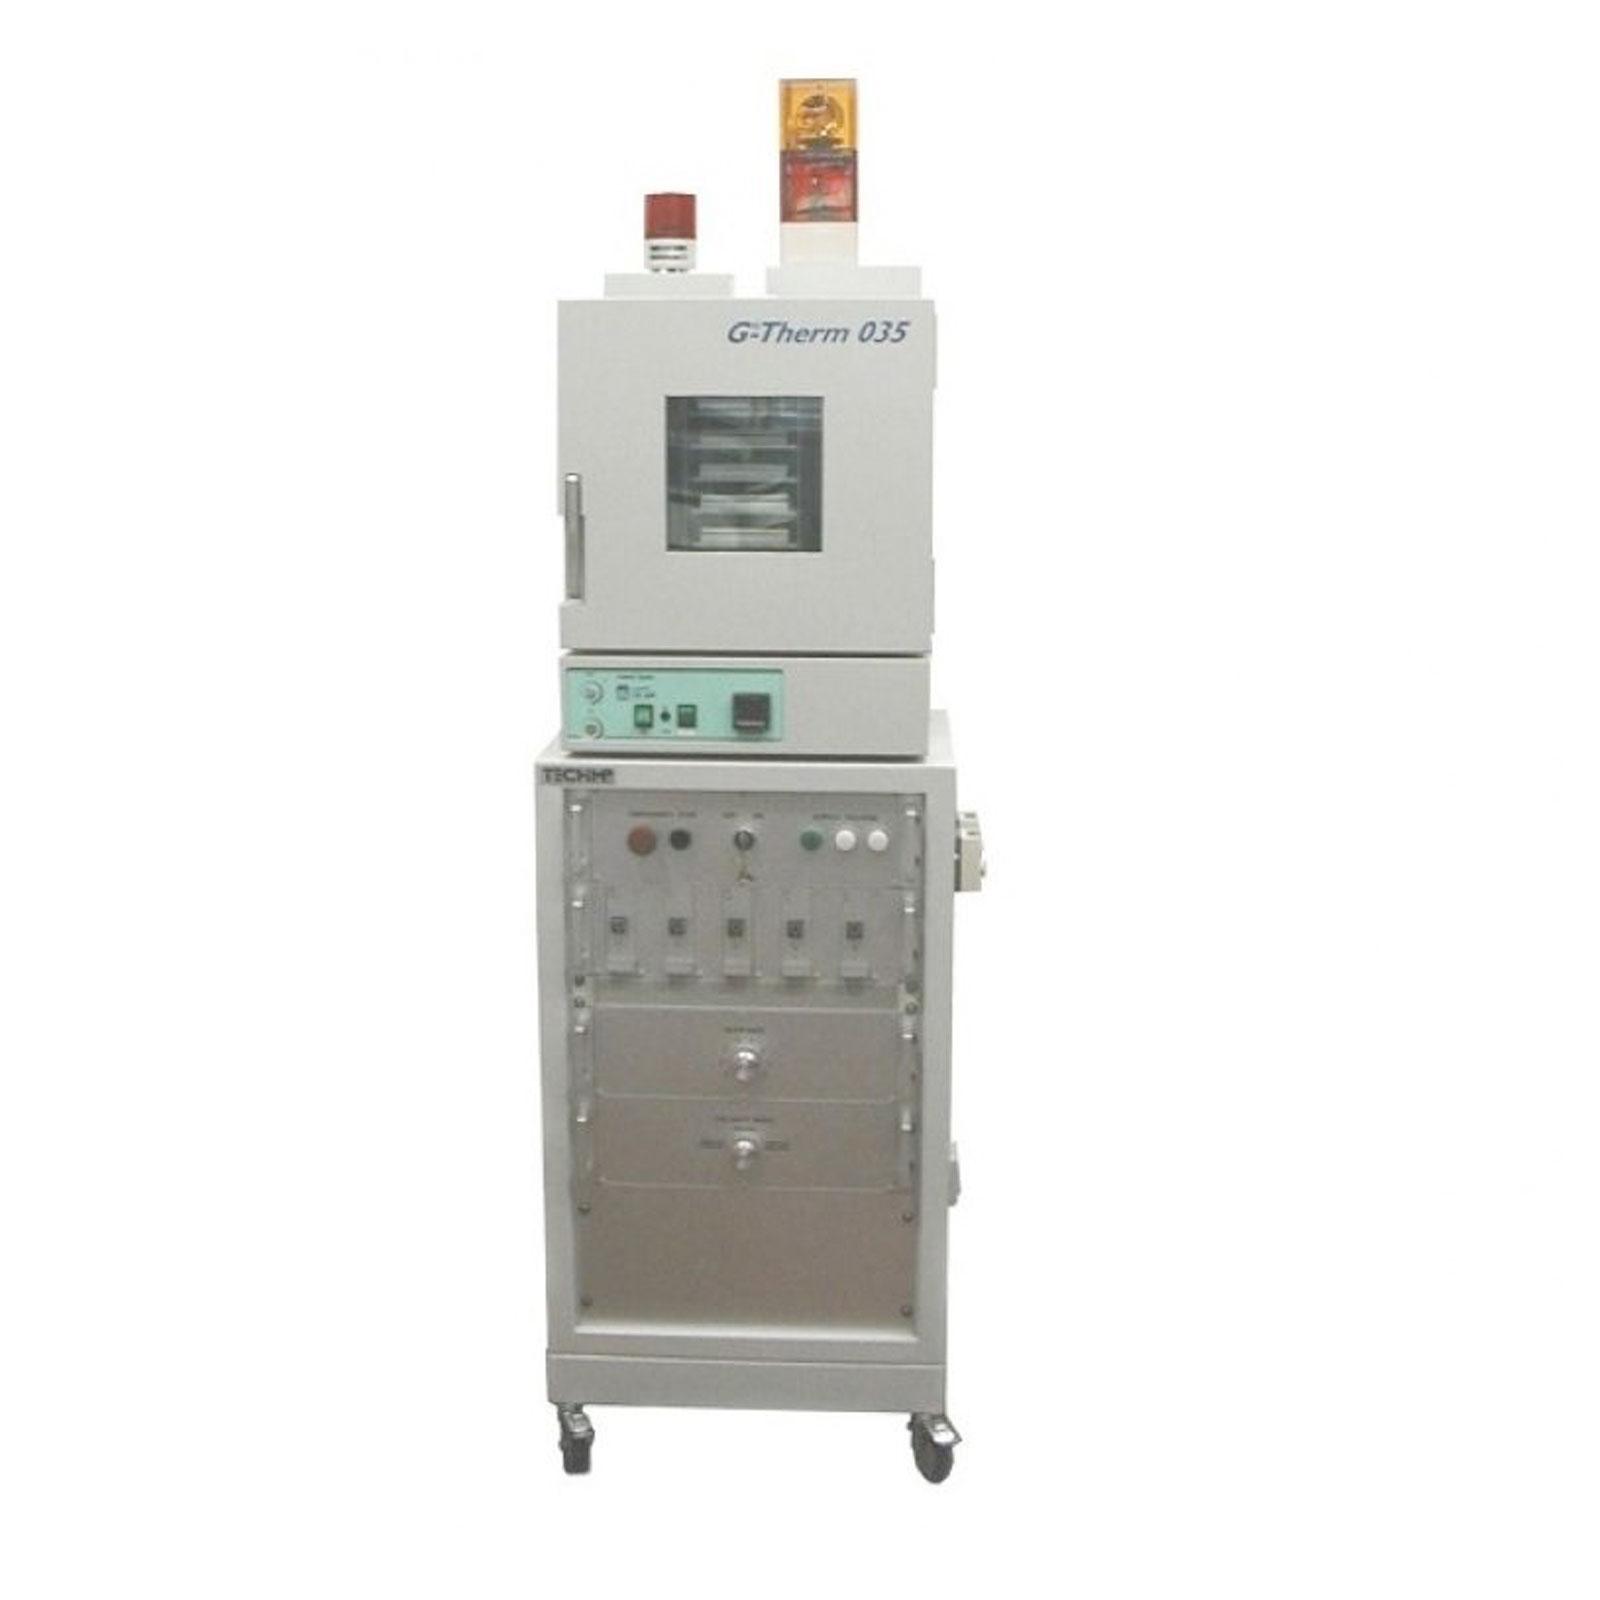 TECHSQUARE|Impulse voltage generator